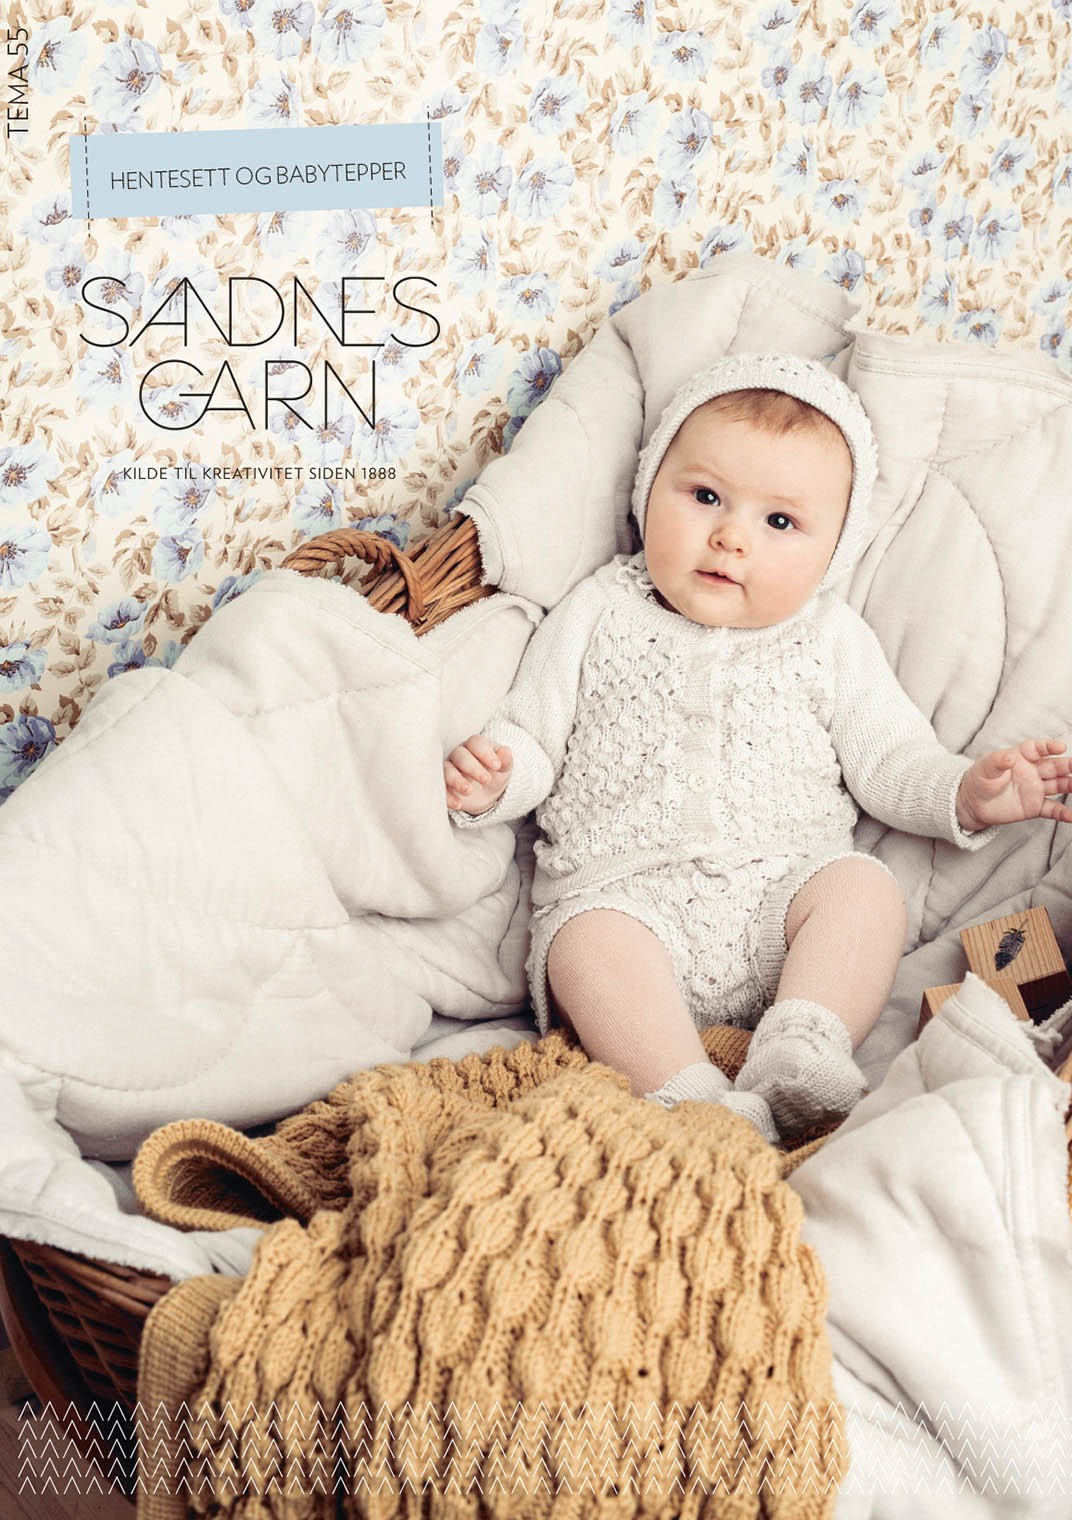 Tema 55 Hentesett og Babytepper Booklet in Norwegian